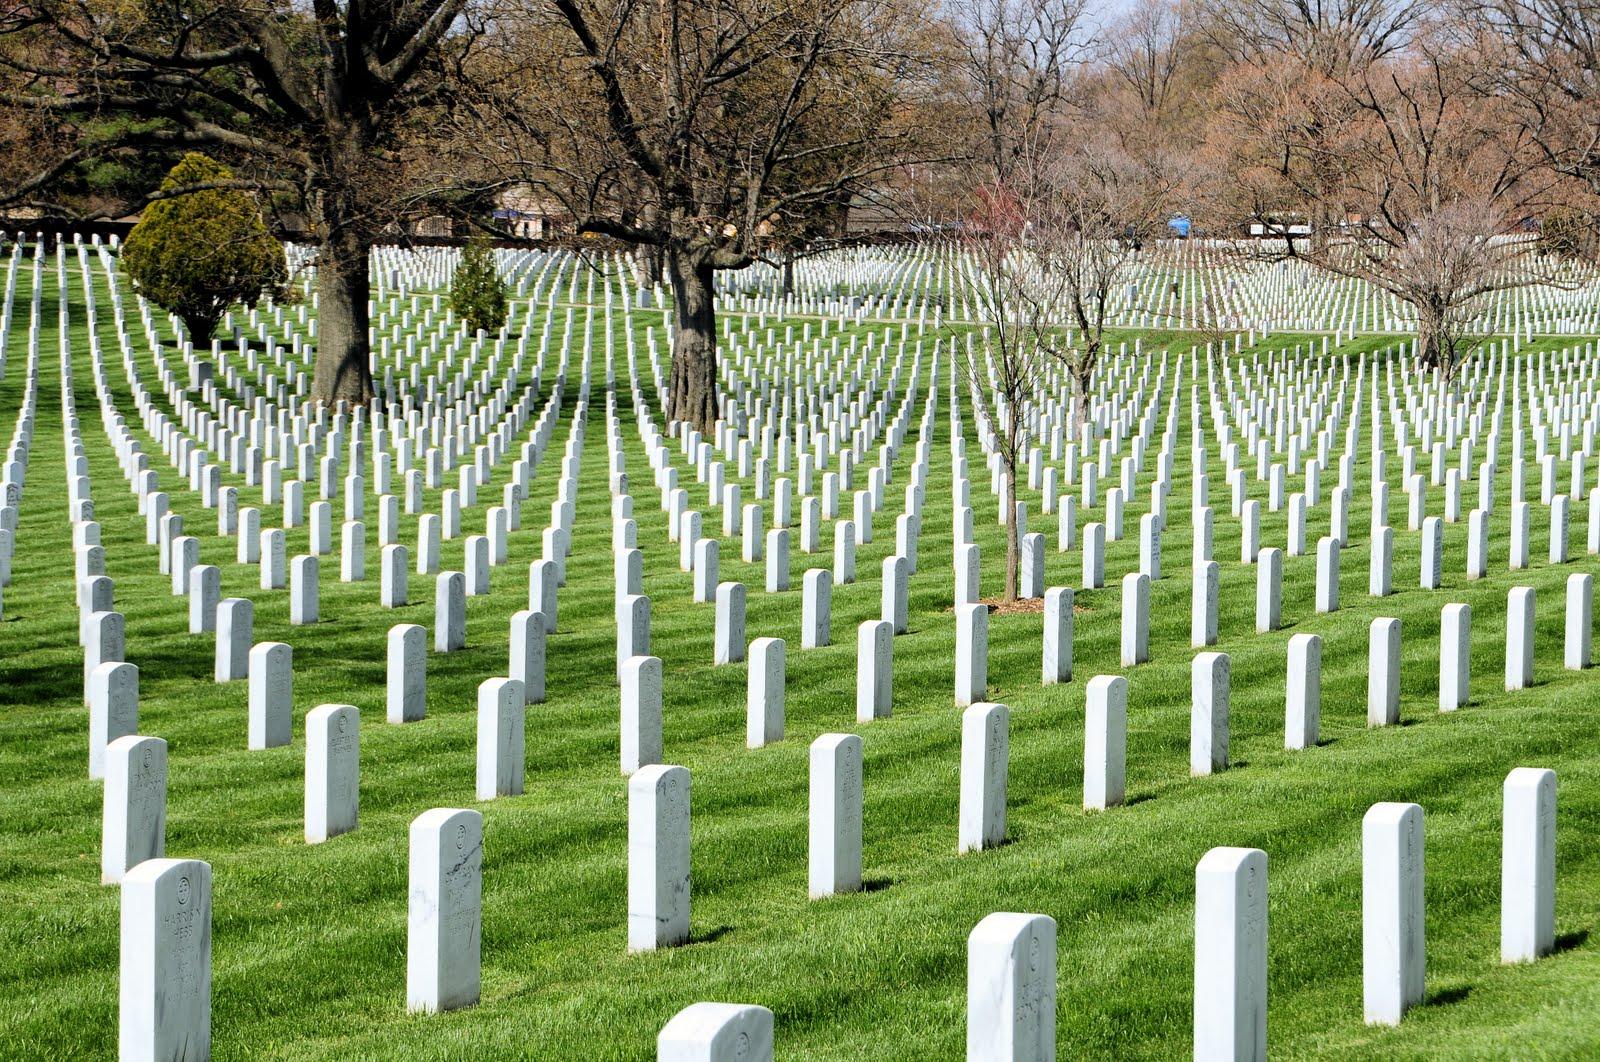 2011-4-3-Pentagon-Arlington-TGR 118e.jpg